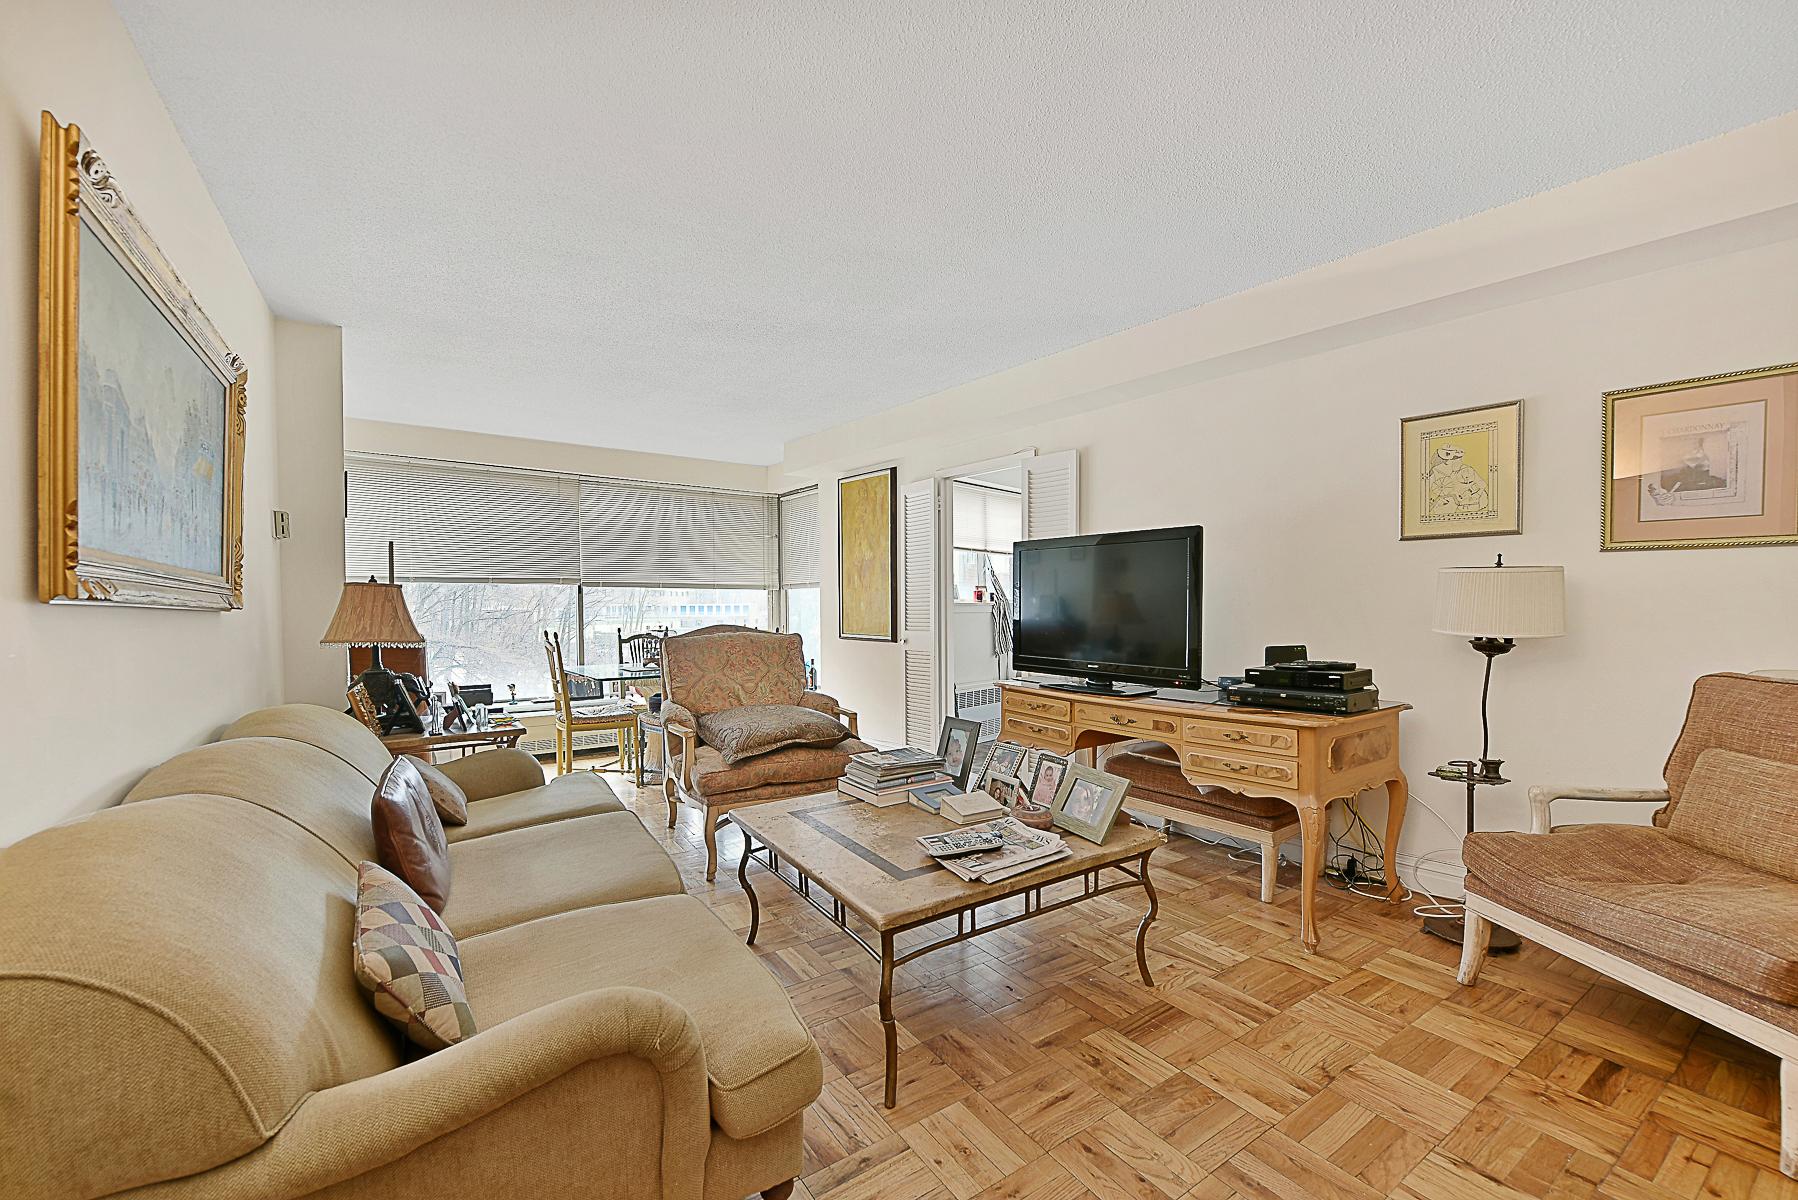 Nhà chung cư vì Bán tại CHARMING 1 BR CONDO WITH FULL-SERVICE AMENITIES 4465 Douglas Avenue 8M Riverdale, New York, 10471 Hoa Kỳ